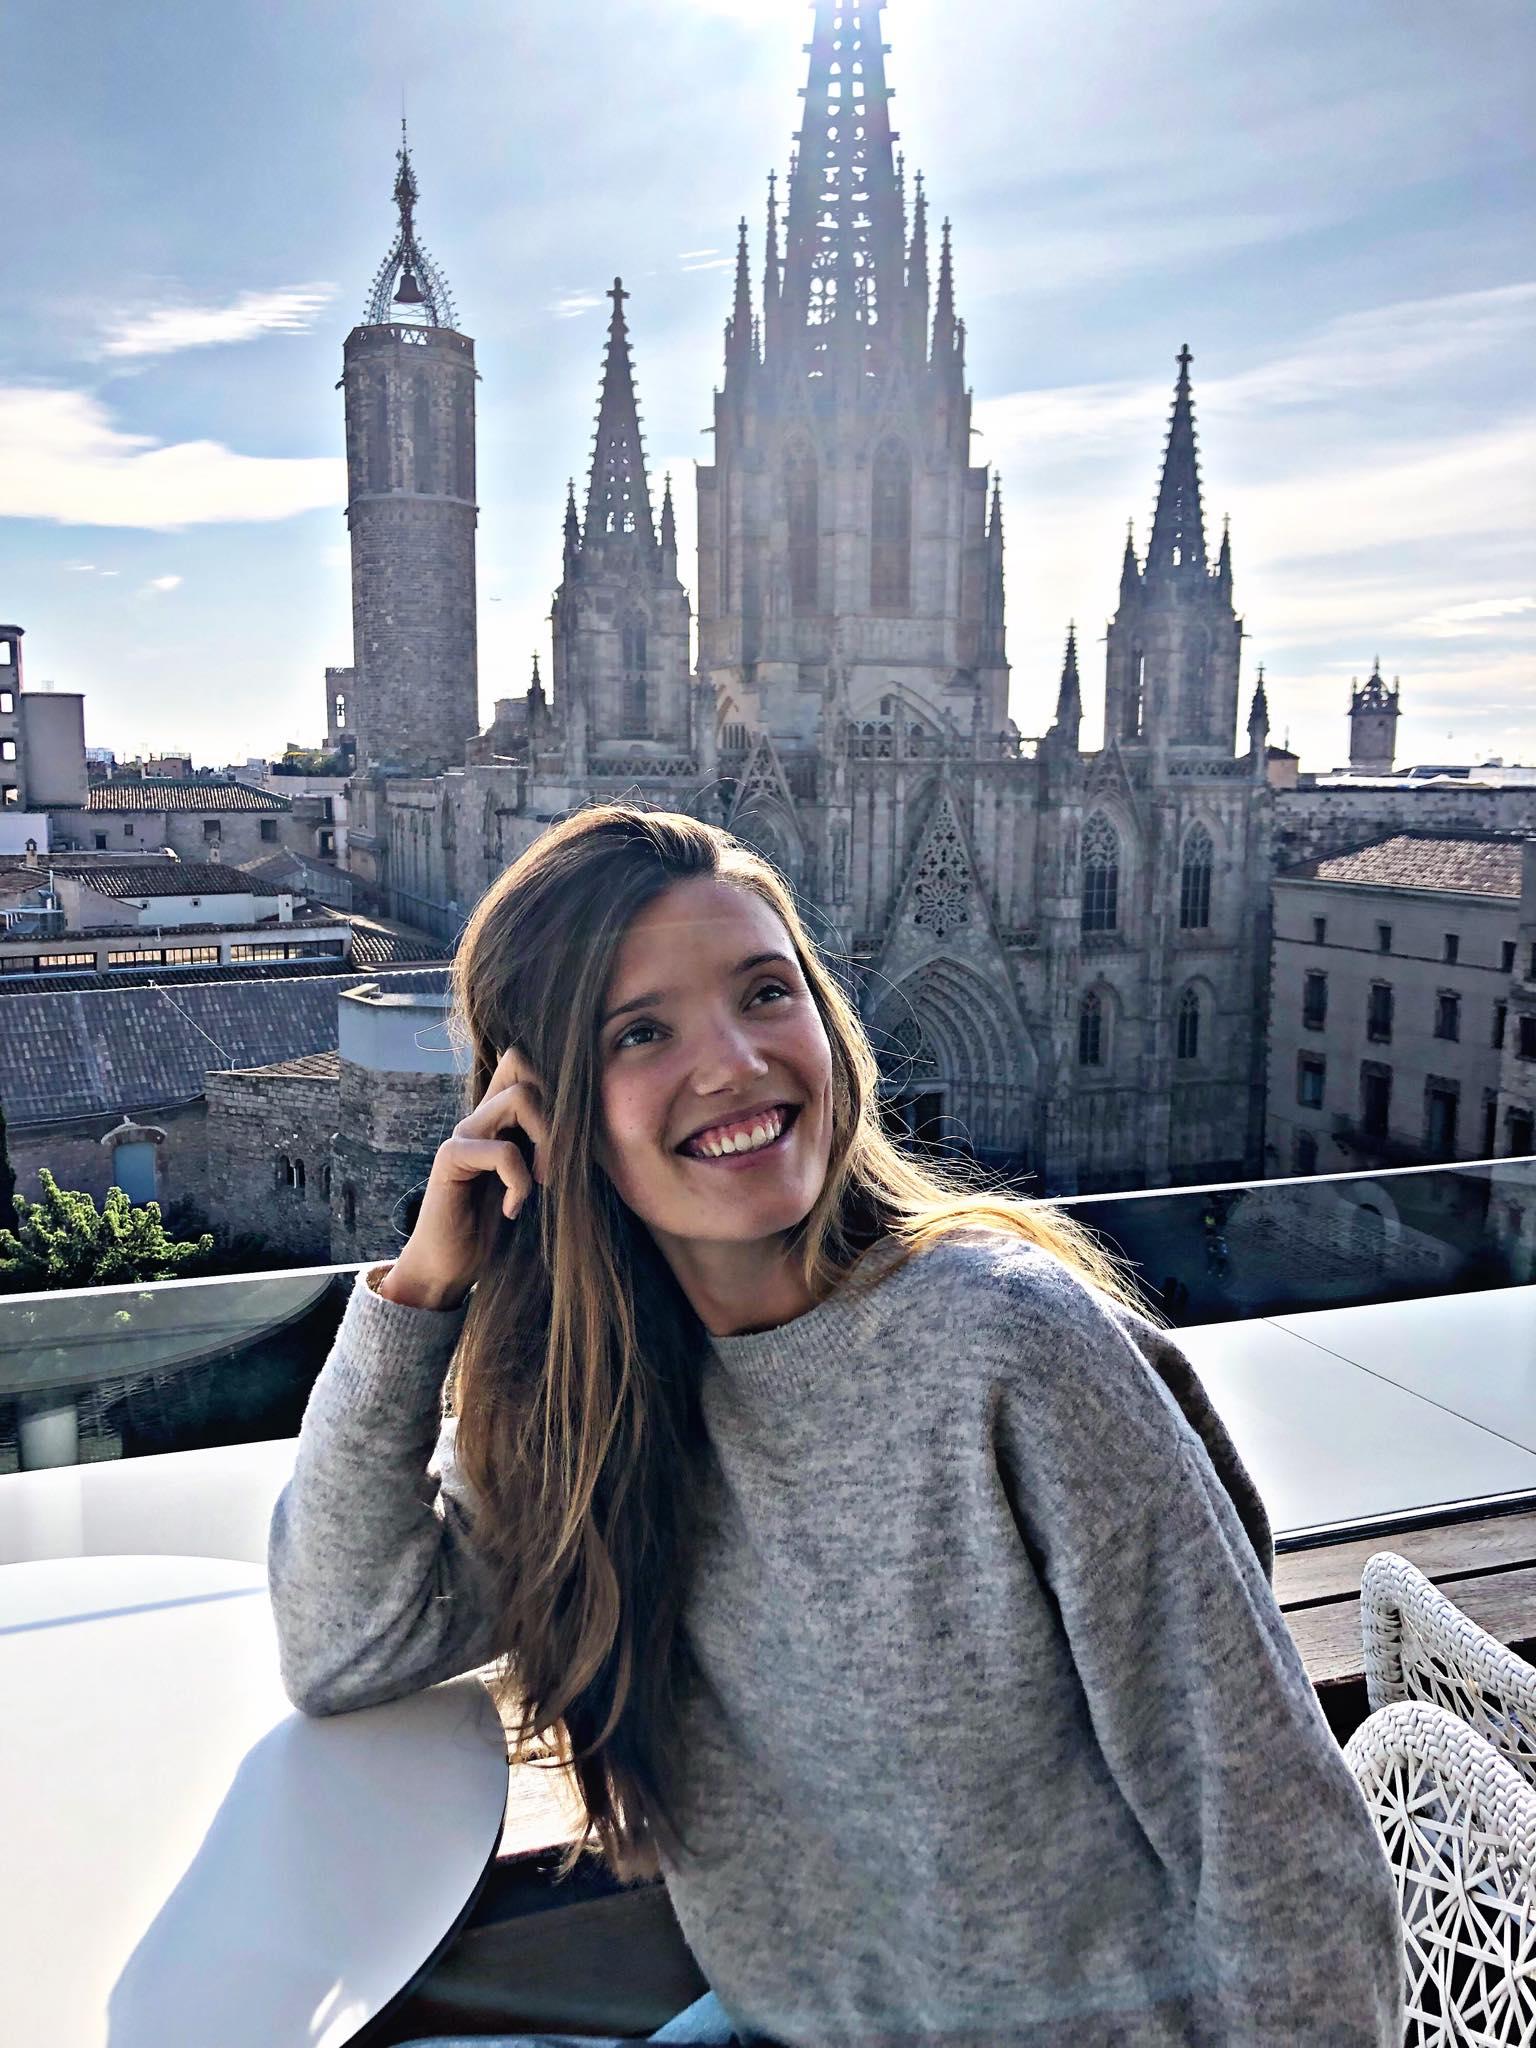 julychoo in Barcelona